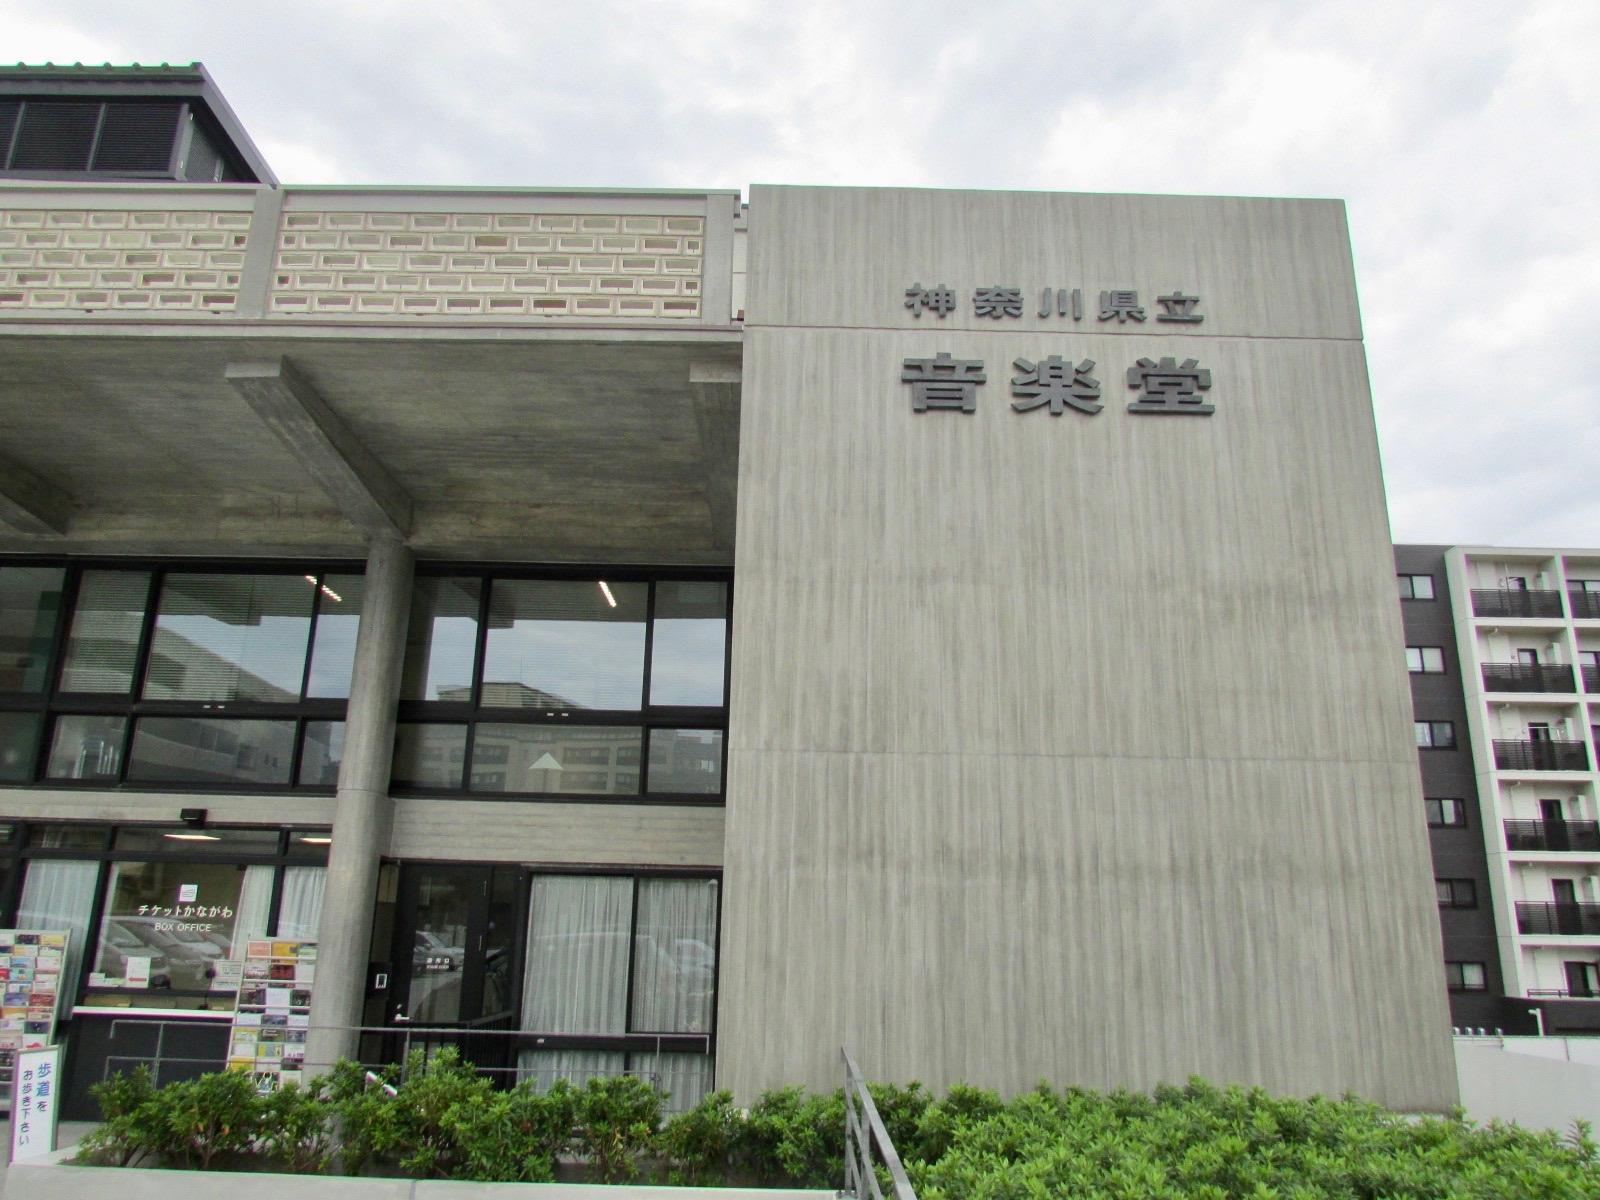 神奈川県立音楽堂外観